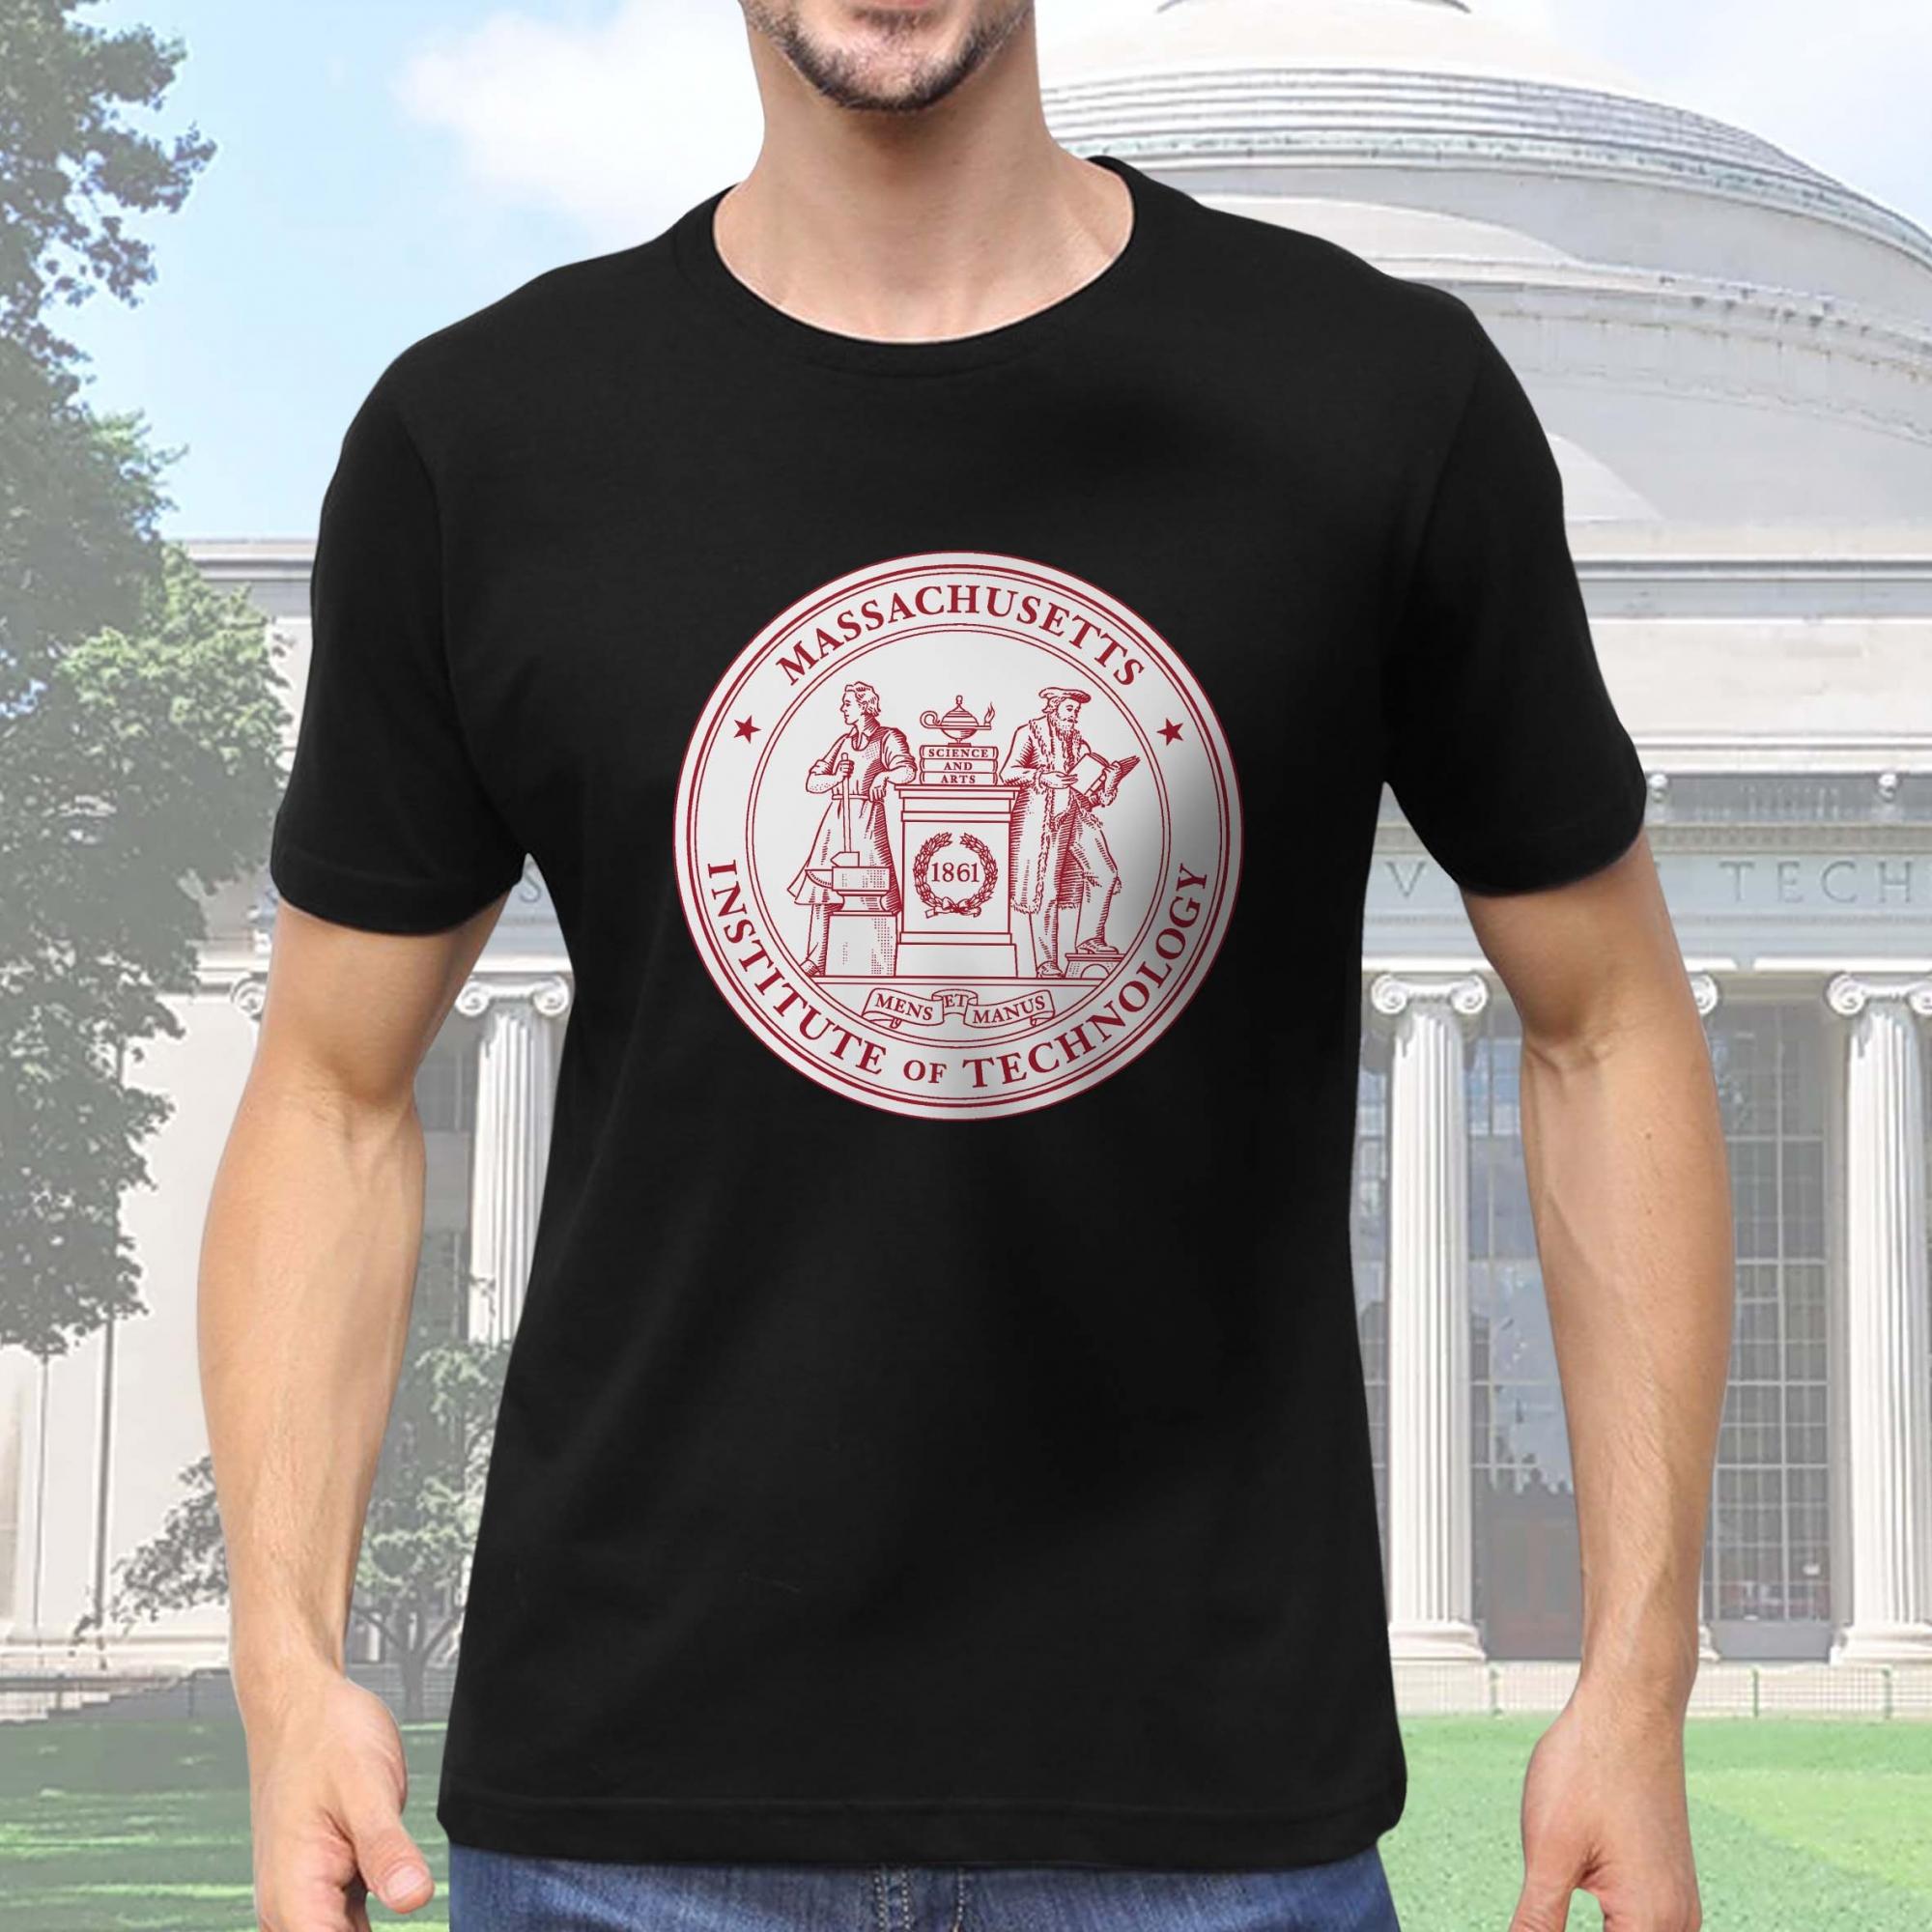 Camiseta Masculina Unissex Instituto de Tecnologia de Massachusetts Institute of Technology Cambridge (Preta) - EV